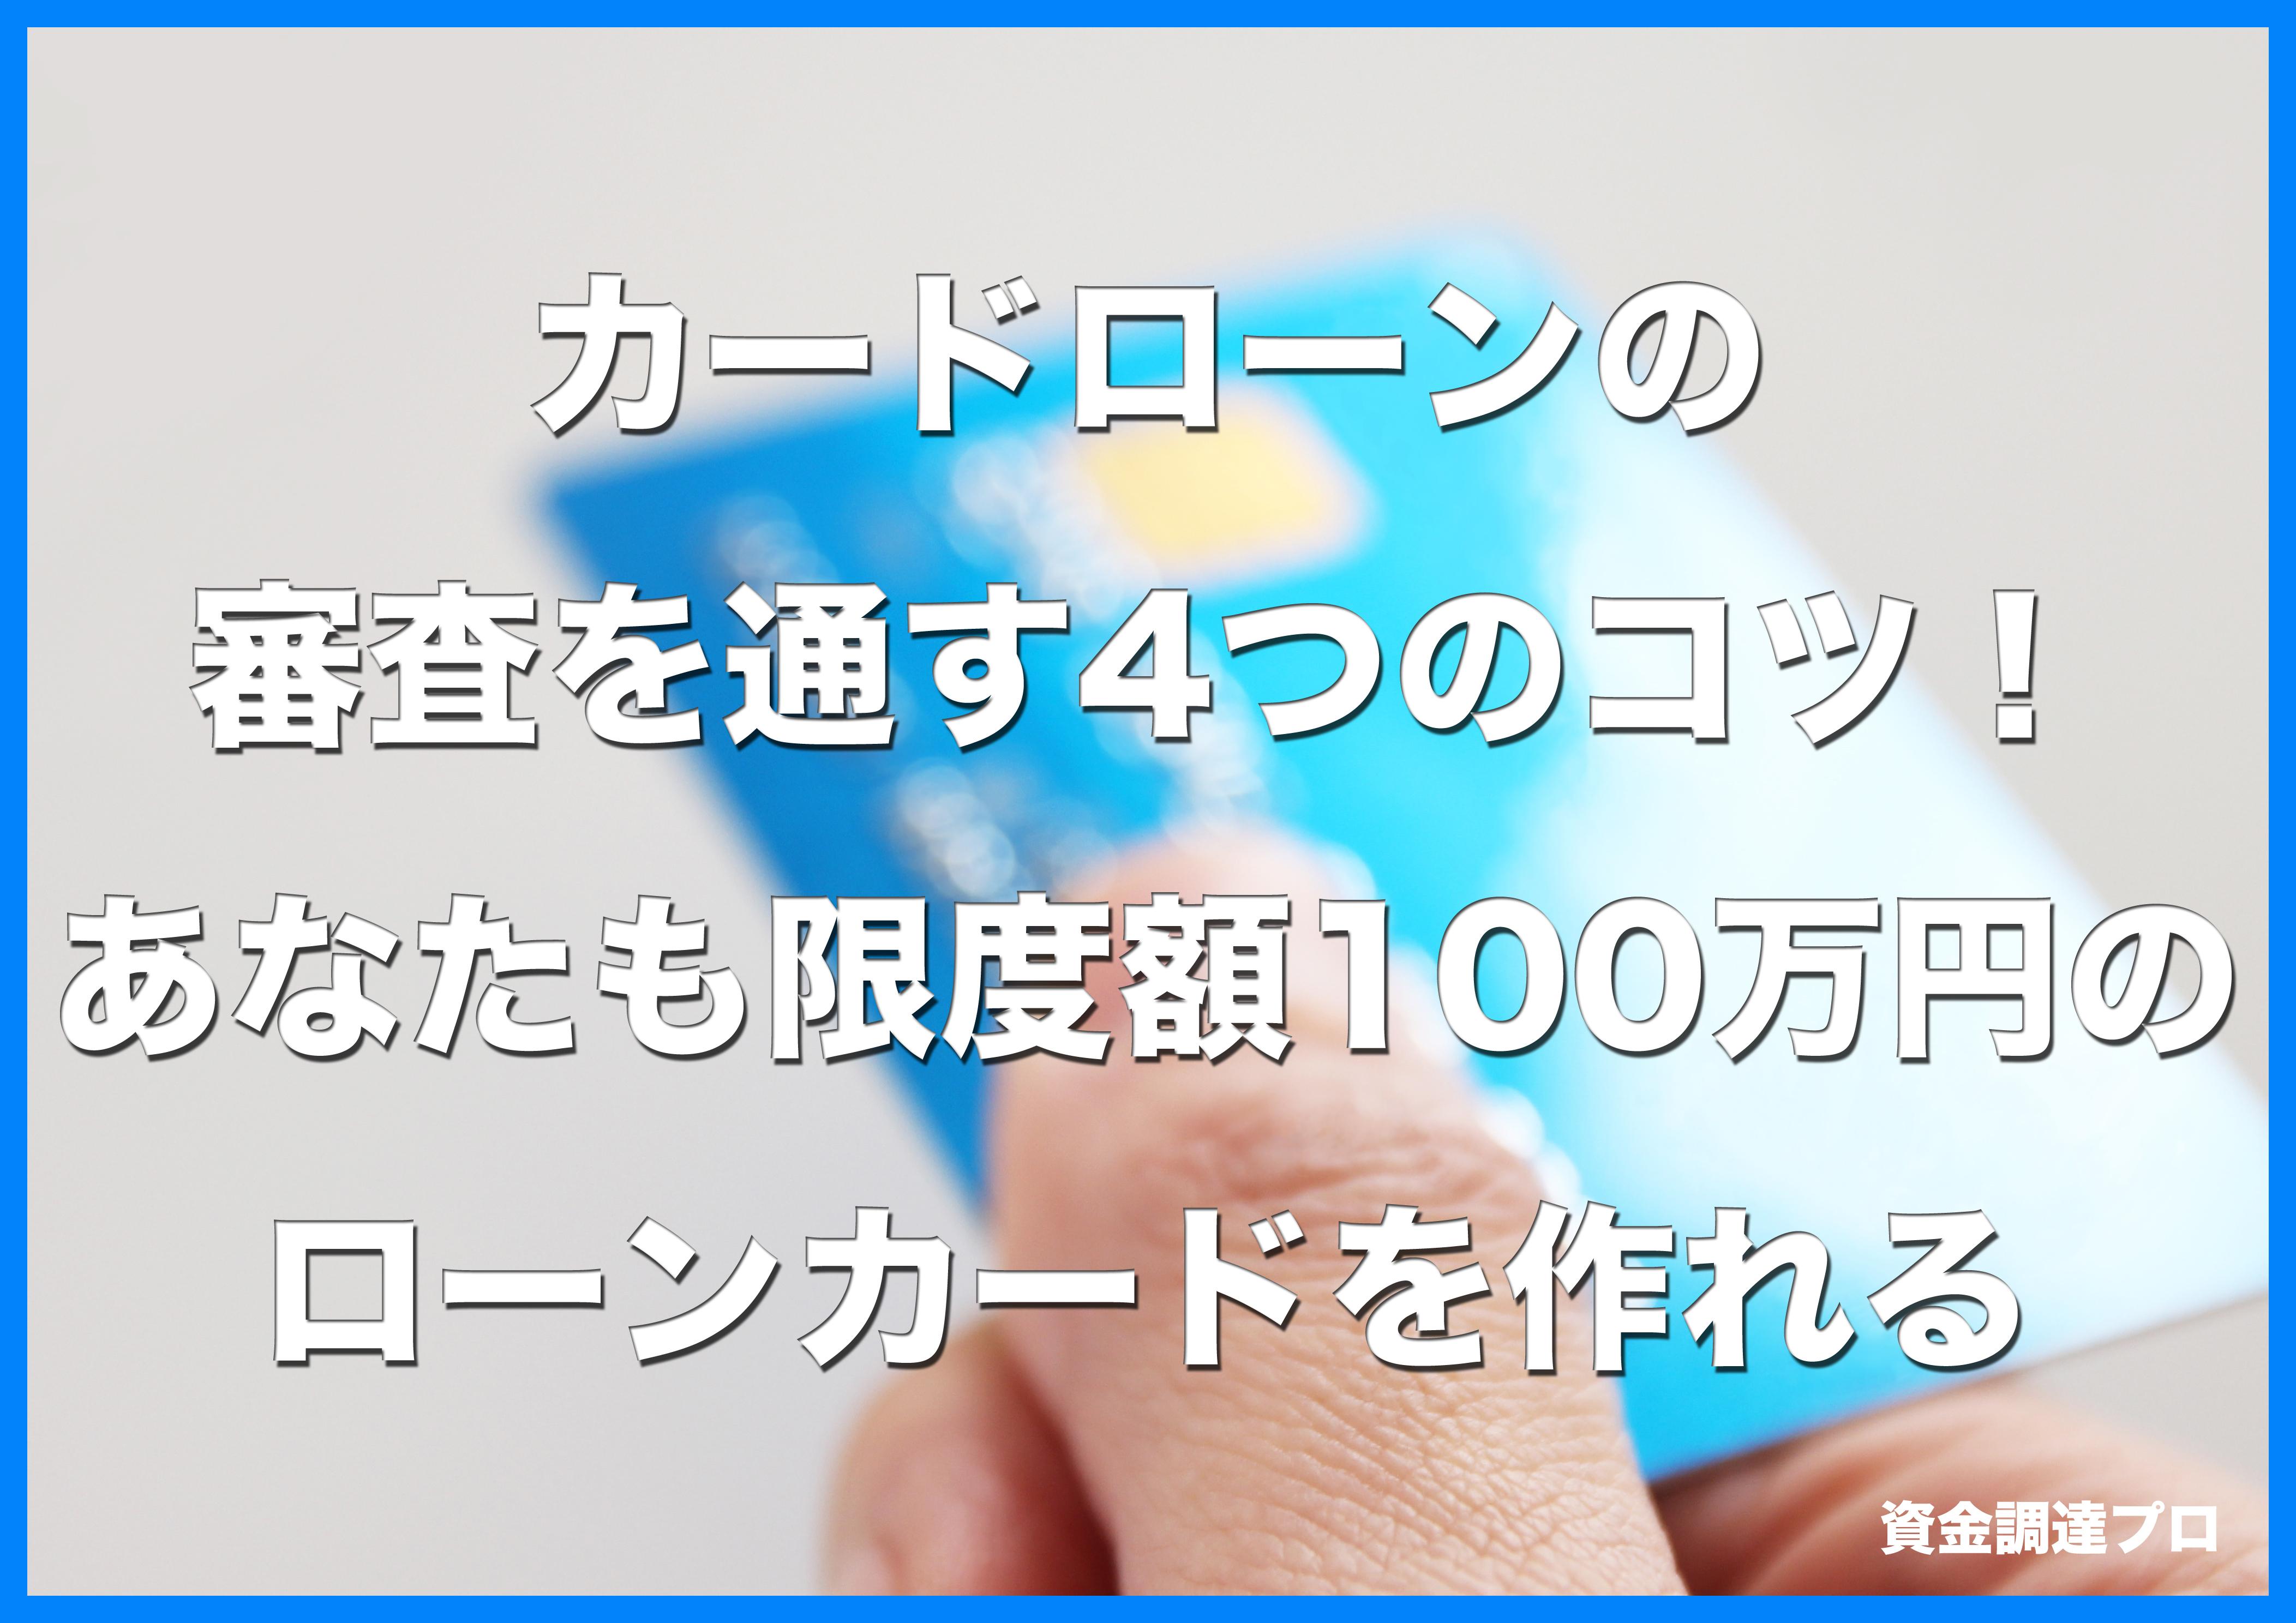 【最新2020年版】カードローンの審査を通す4つのコツ!あなたも限度額100万円のローンカードが作れる!